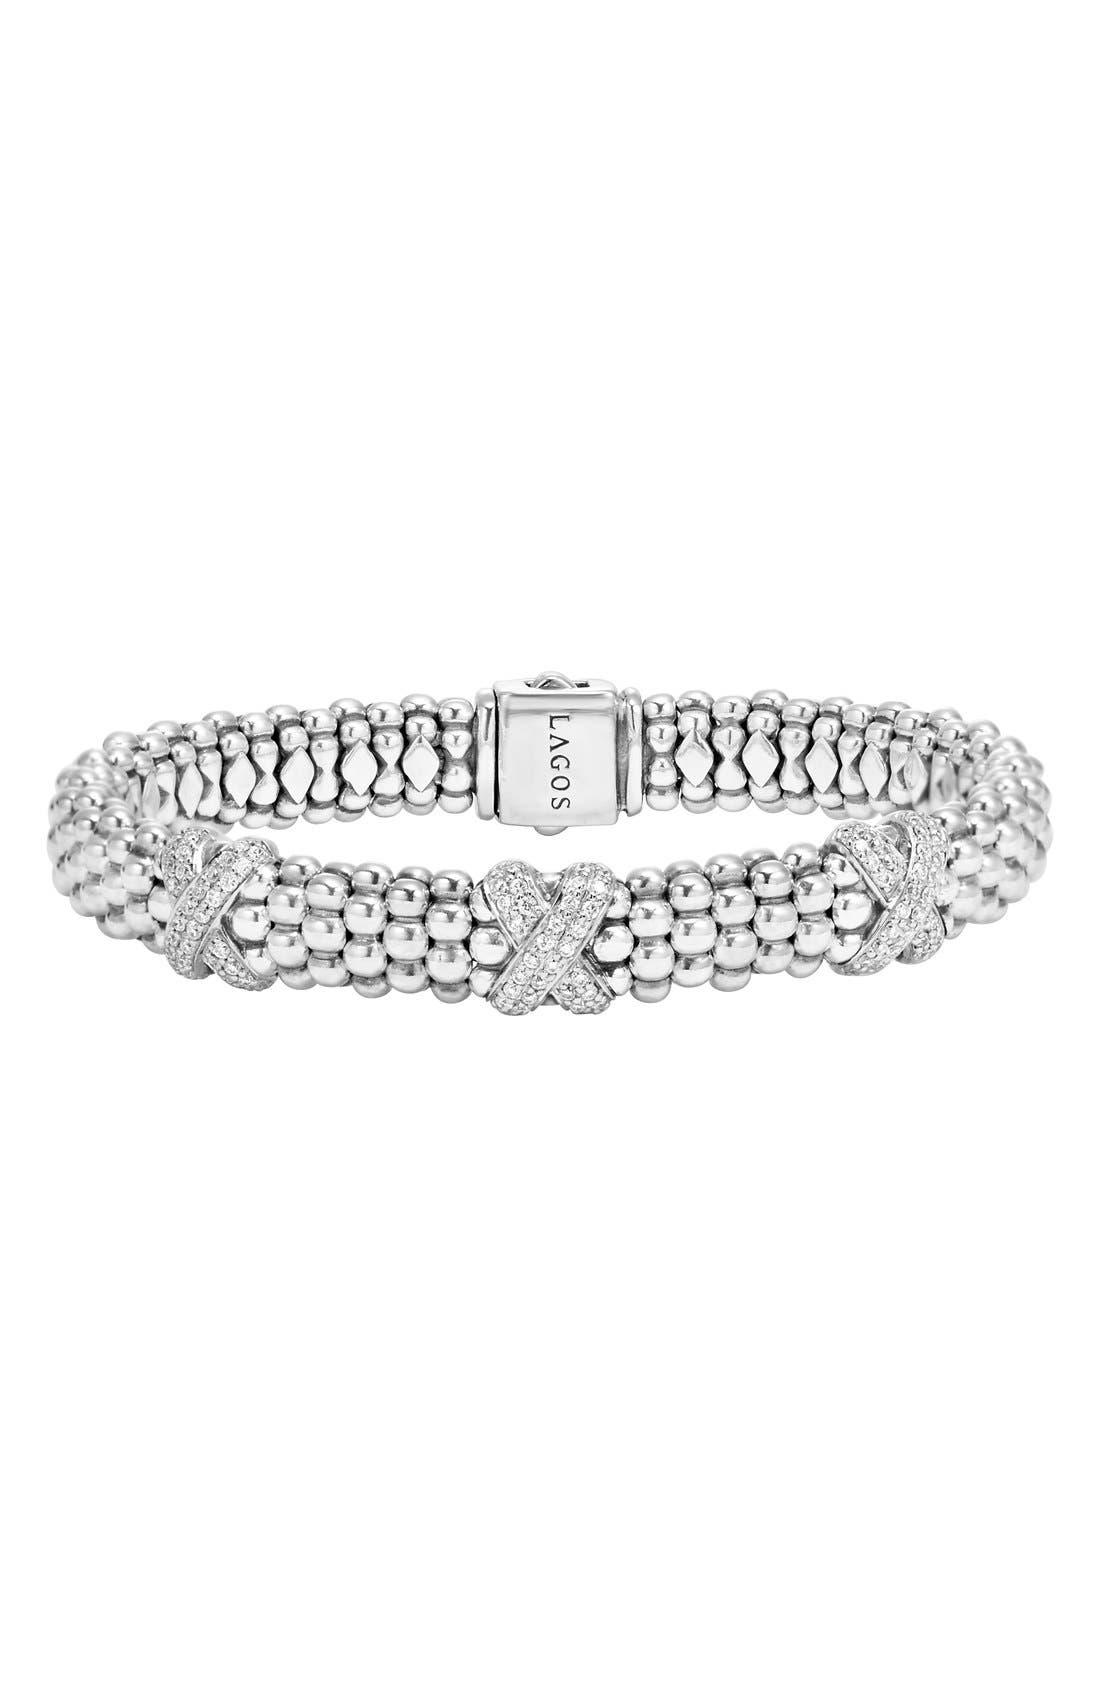 LAGOS X Diamond Caviar Rope Bracelet